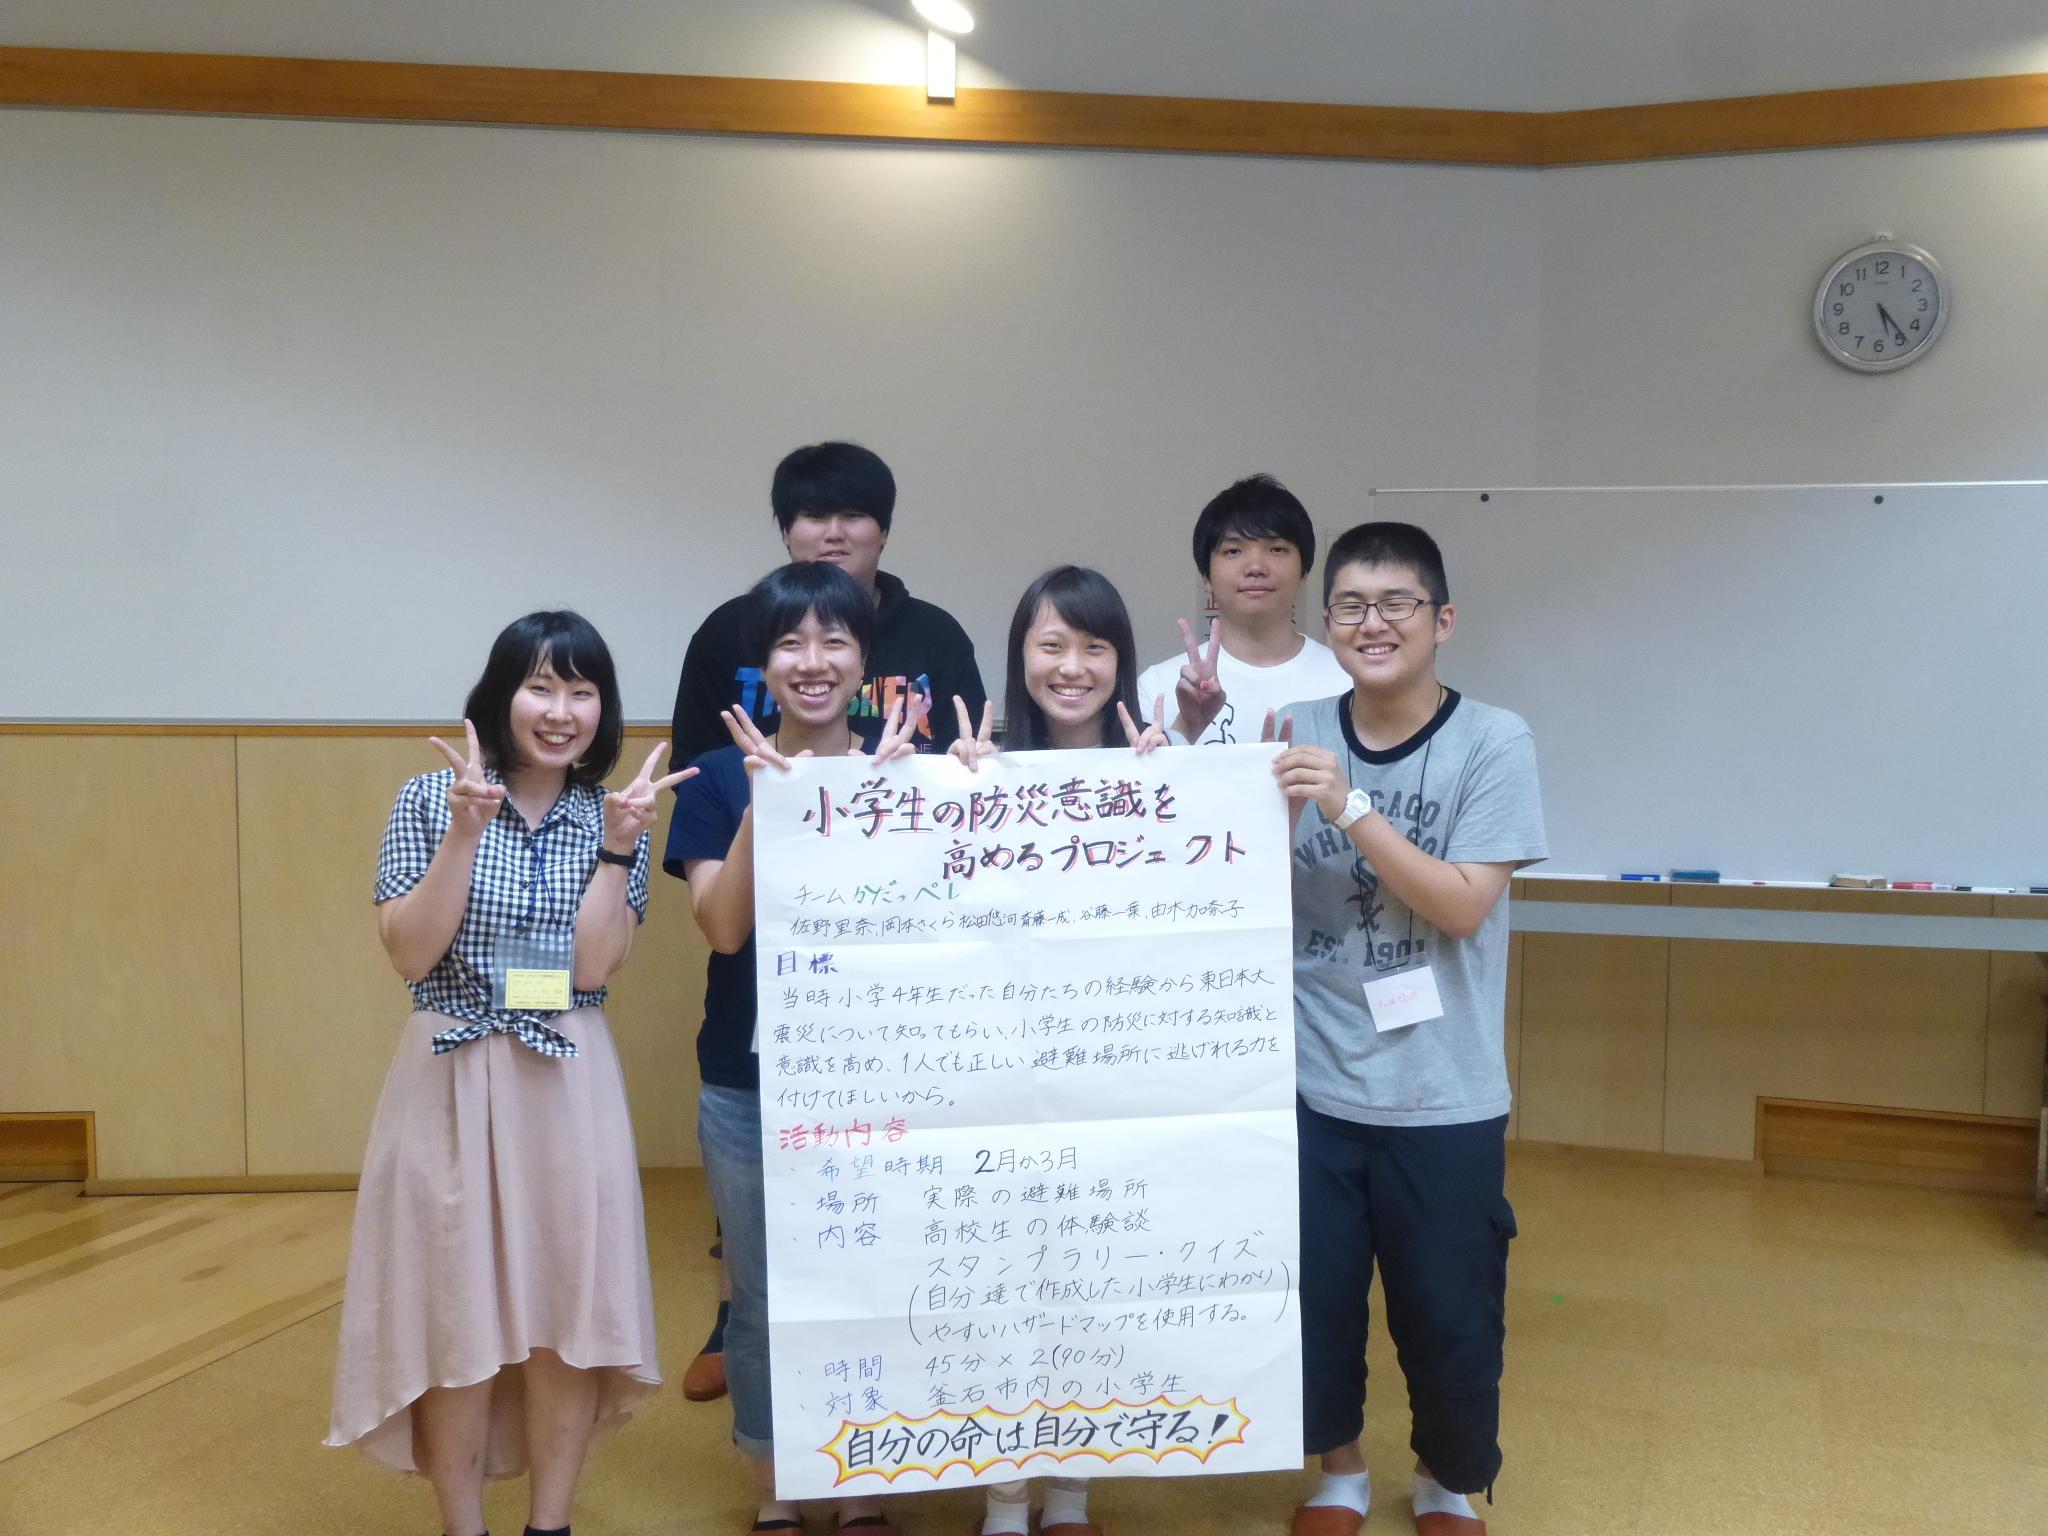 【聖学院大学】被災を経験した高校生が母校の後輩小学生に防災講座 ~埼玉の大学生が被災地の高校生の夢実現をサポート